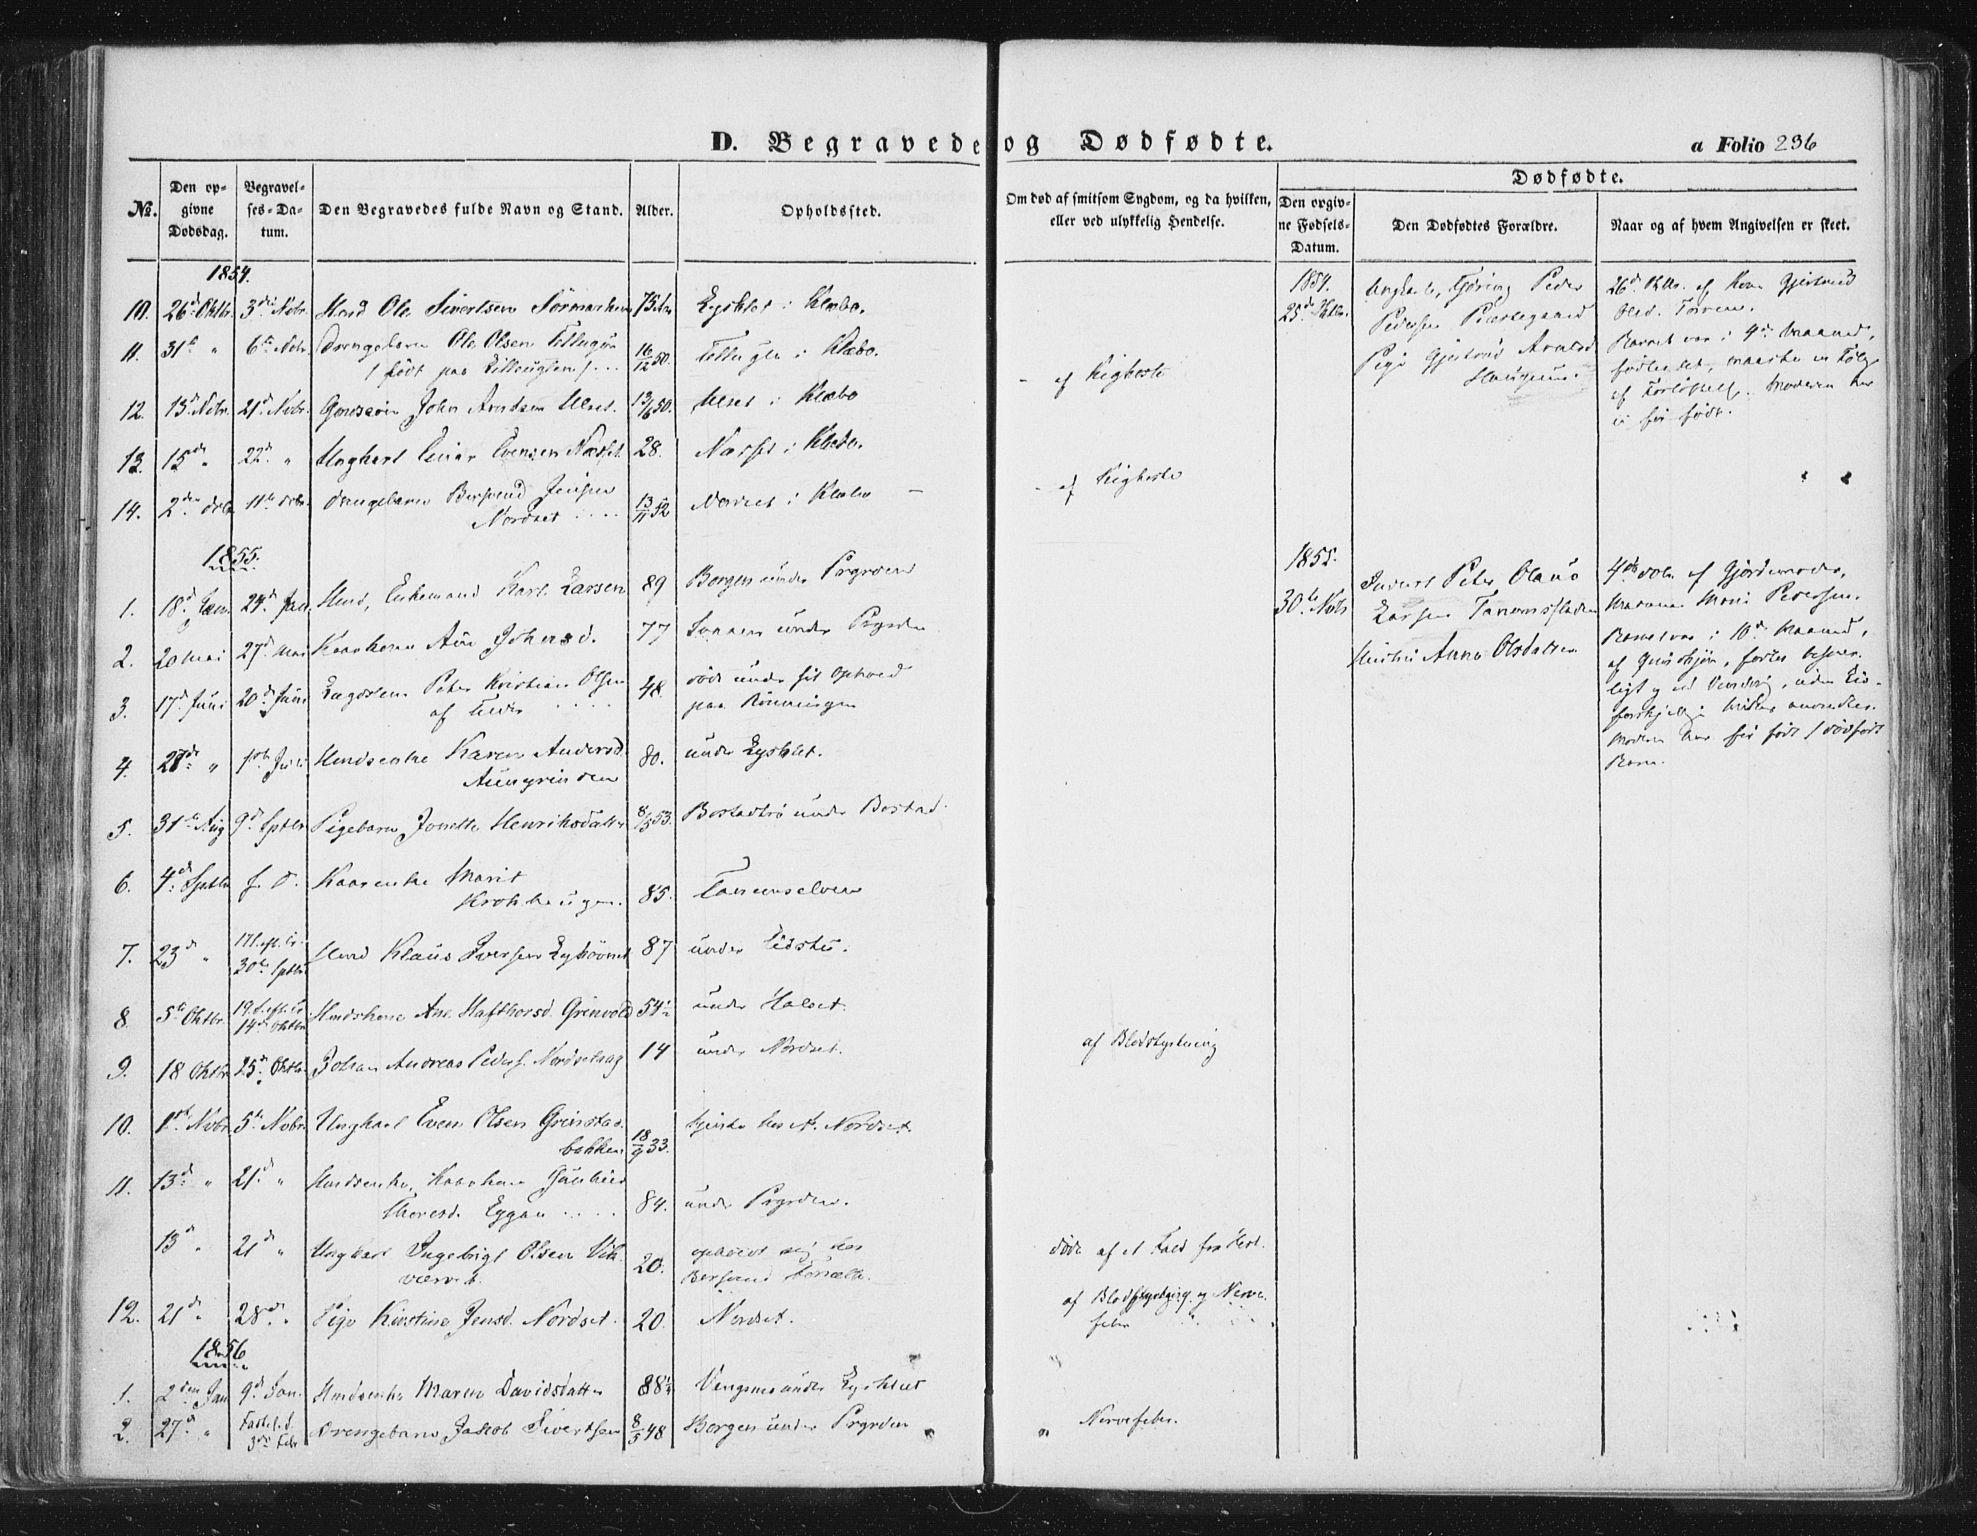 SAT, Ministerialprotokoller, klokkerbøker og fødselsregistre - Sør-Trøndelag, 618/L0441: Ministerialbok nr. 618A05, 1843-1862, s. 236